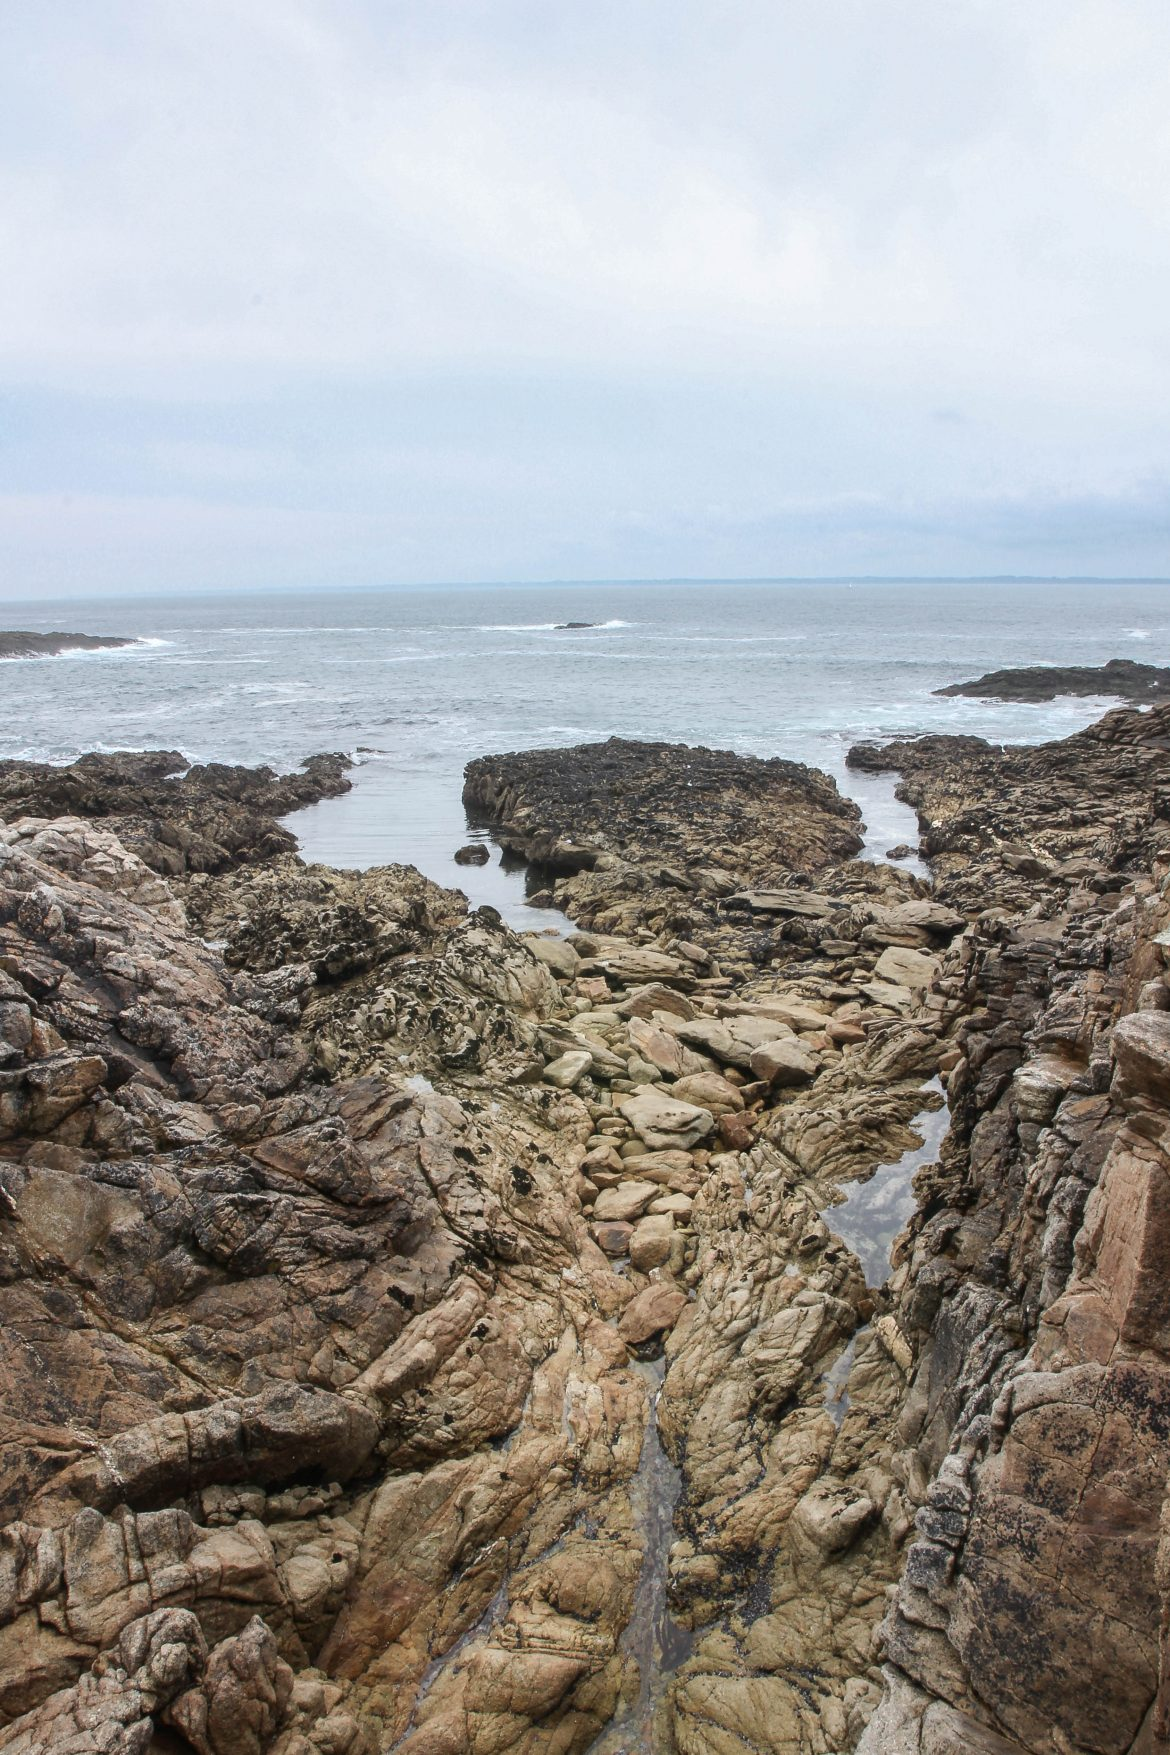 Comment visiter la côte sauvage de Quiberon en Bretagne